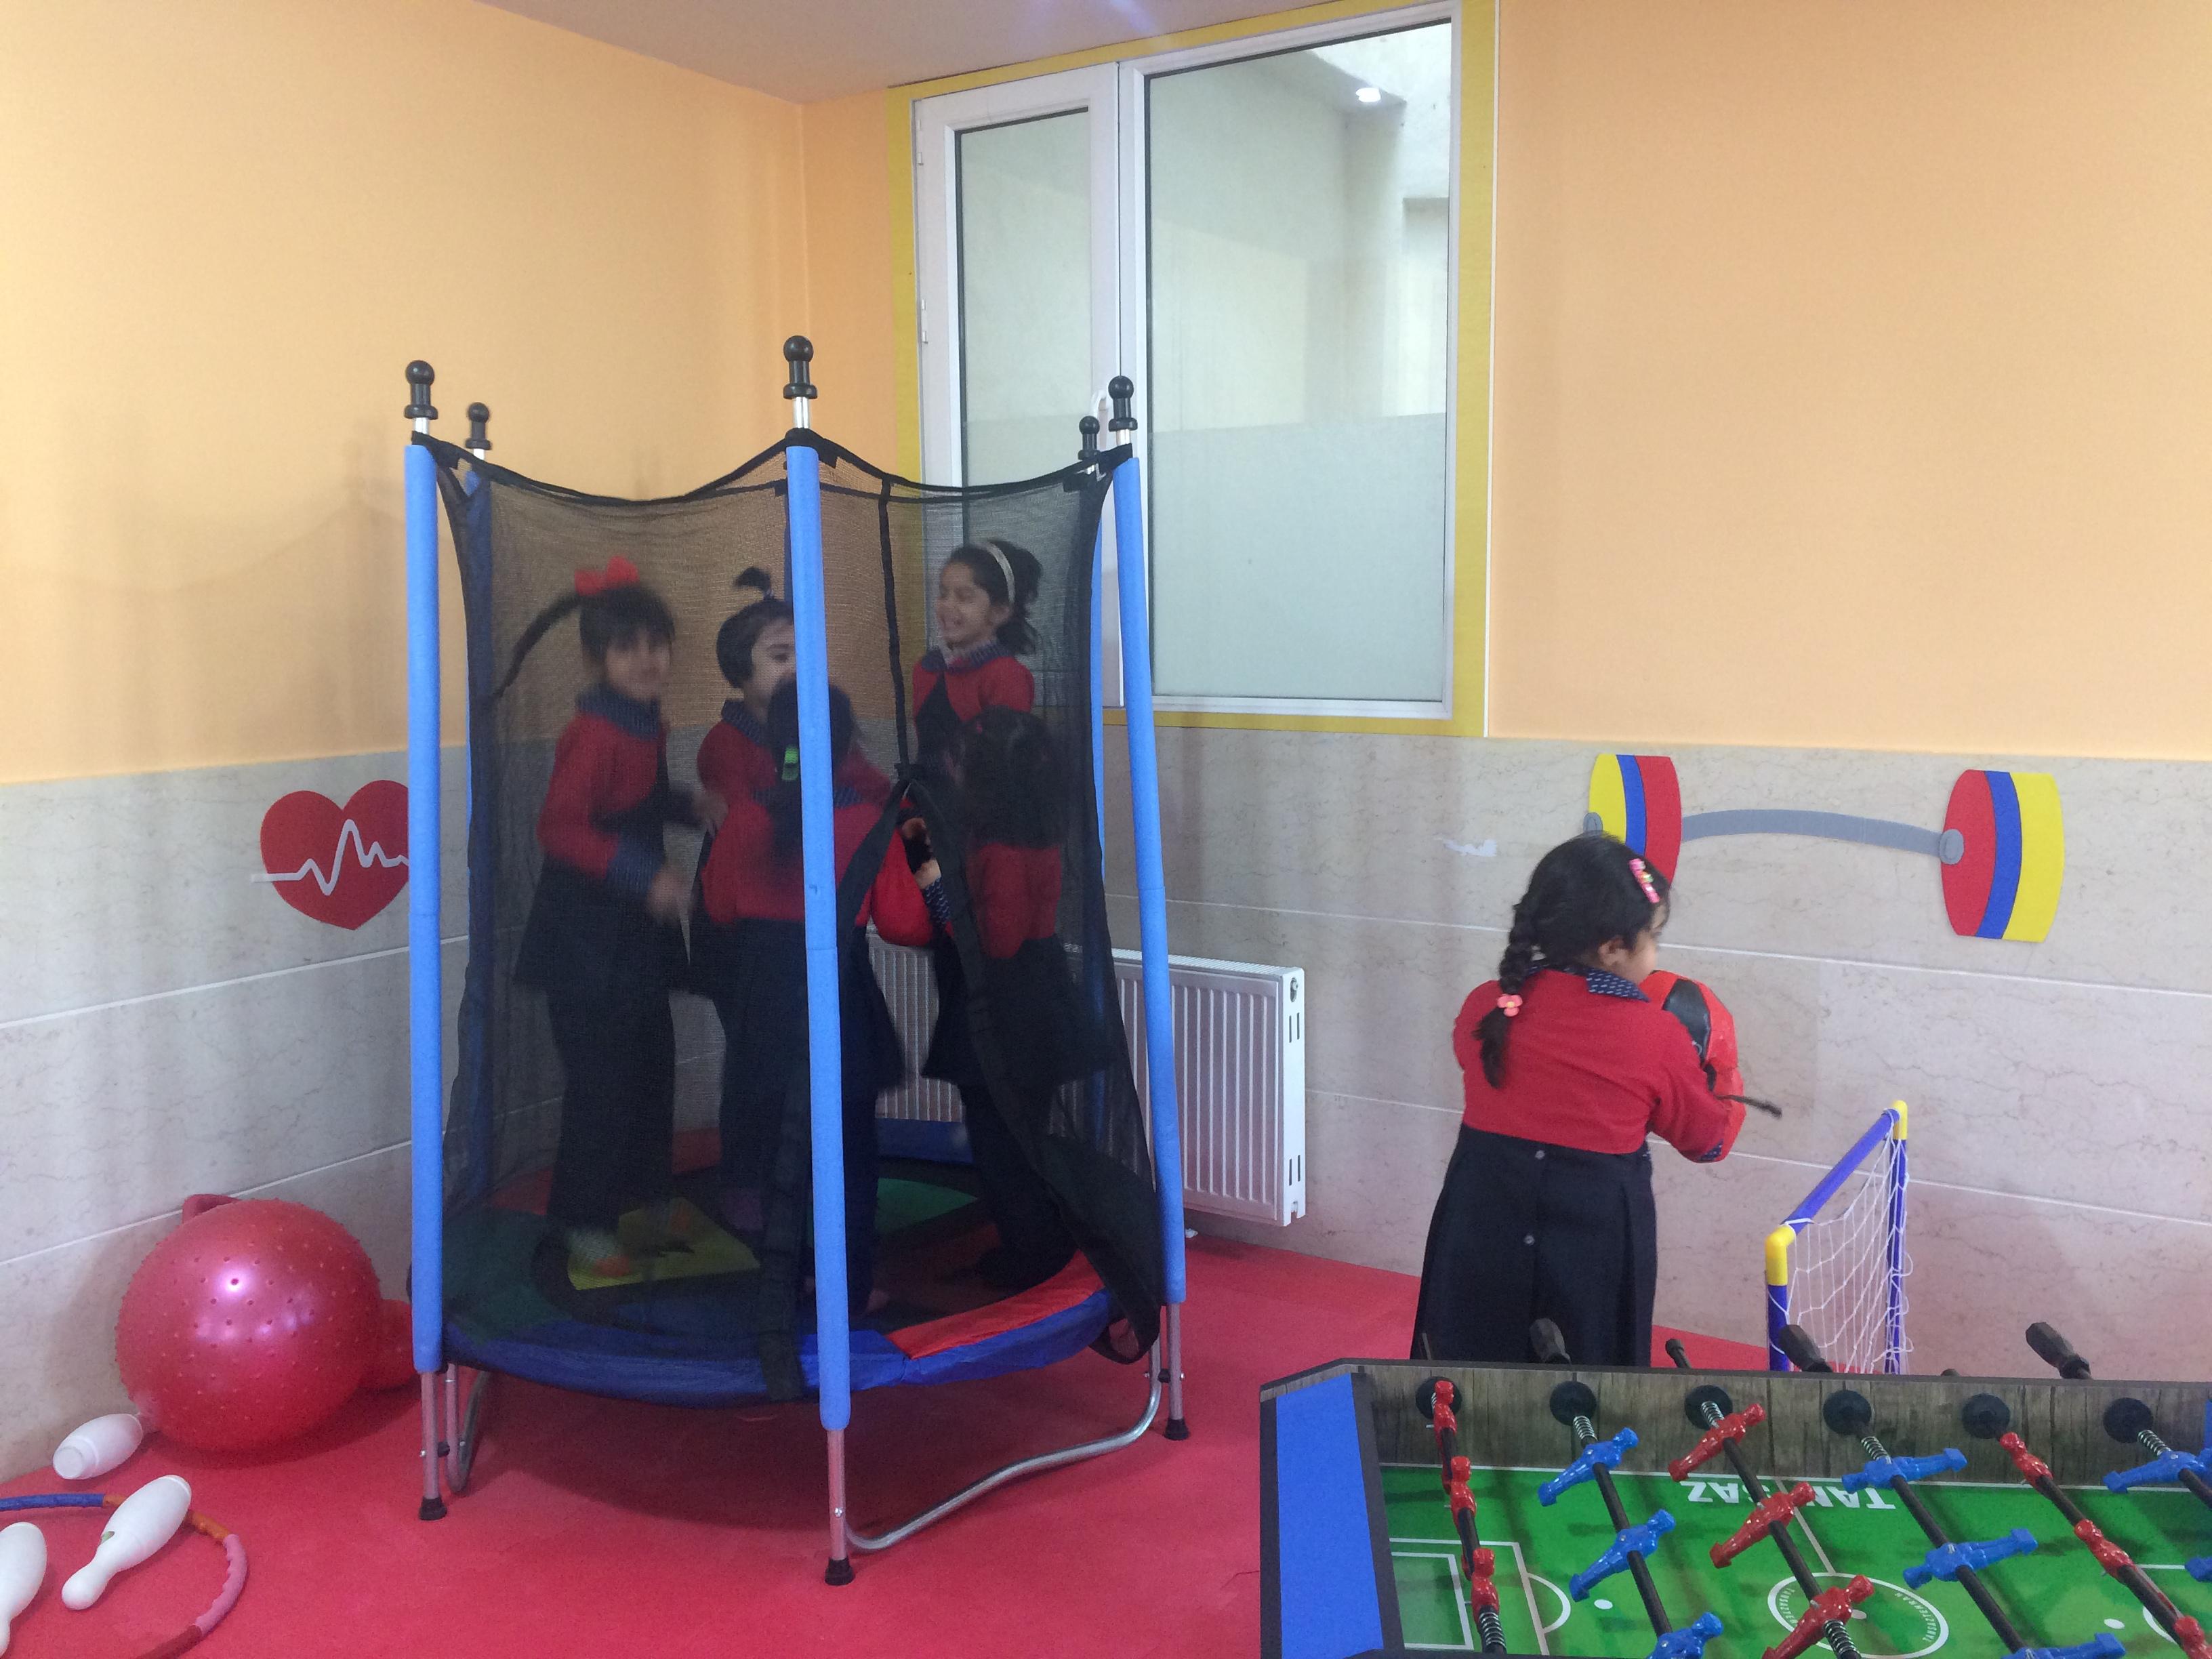 اردو کودکان در نوید صدرا